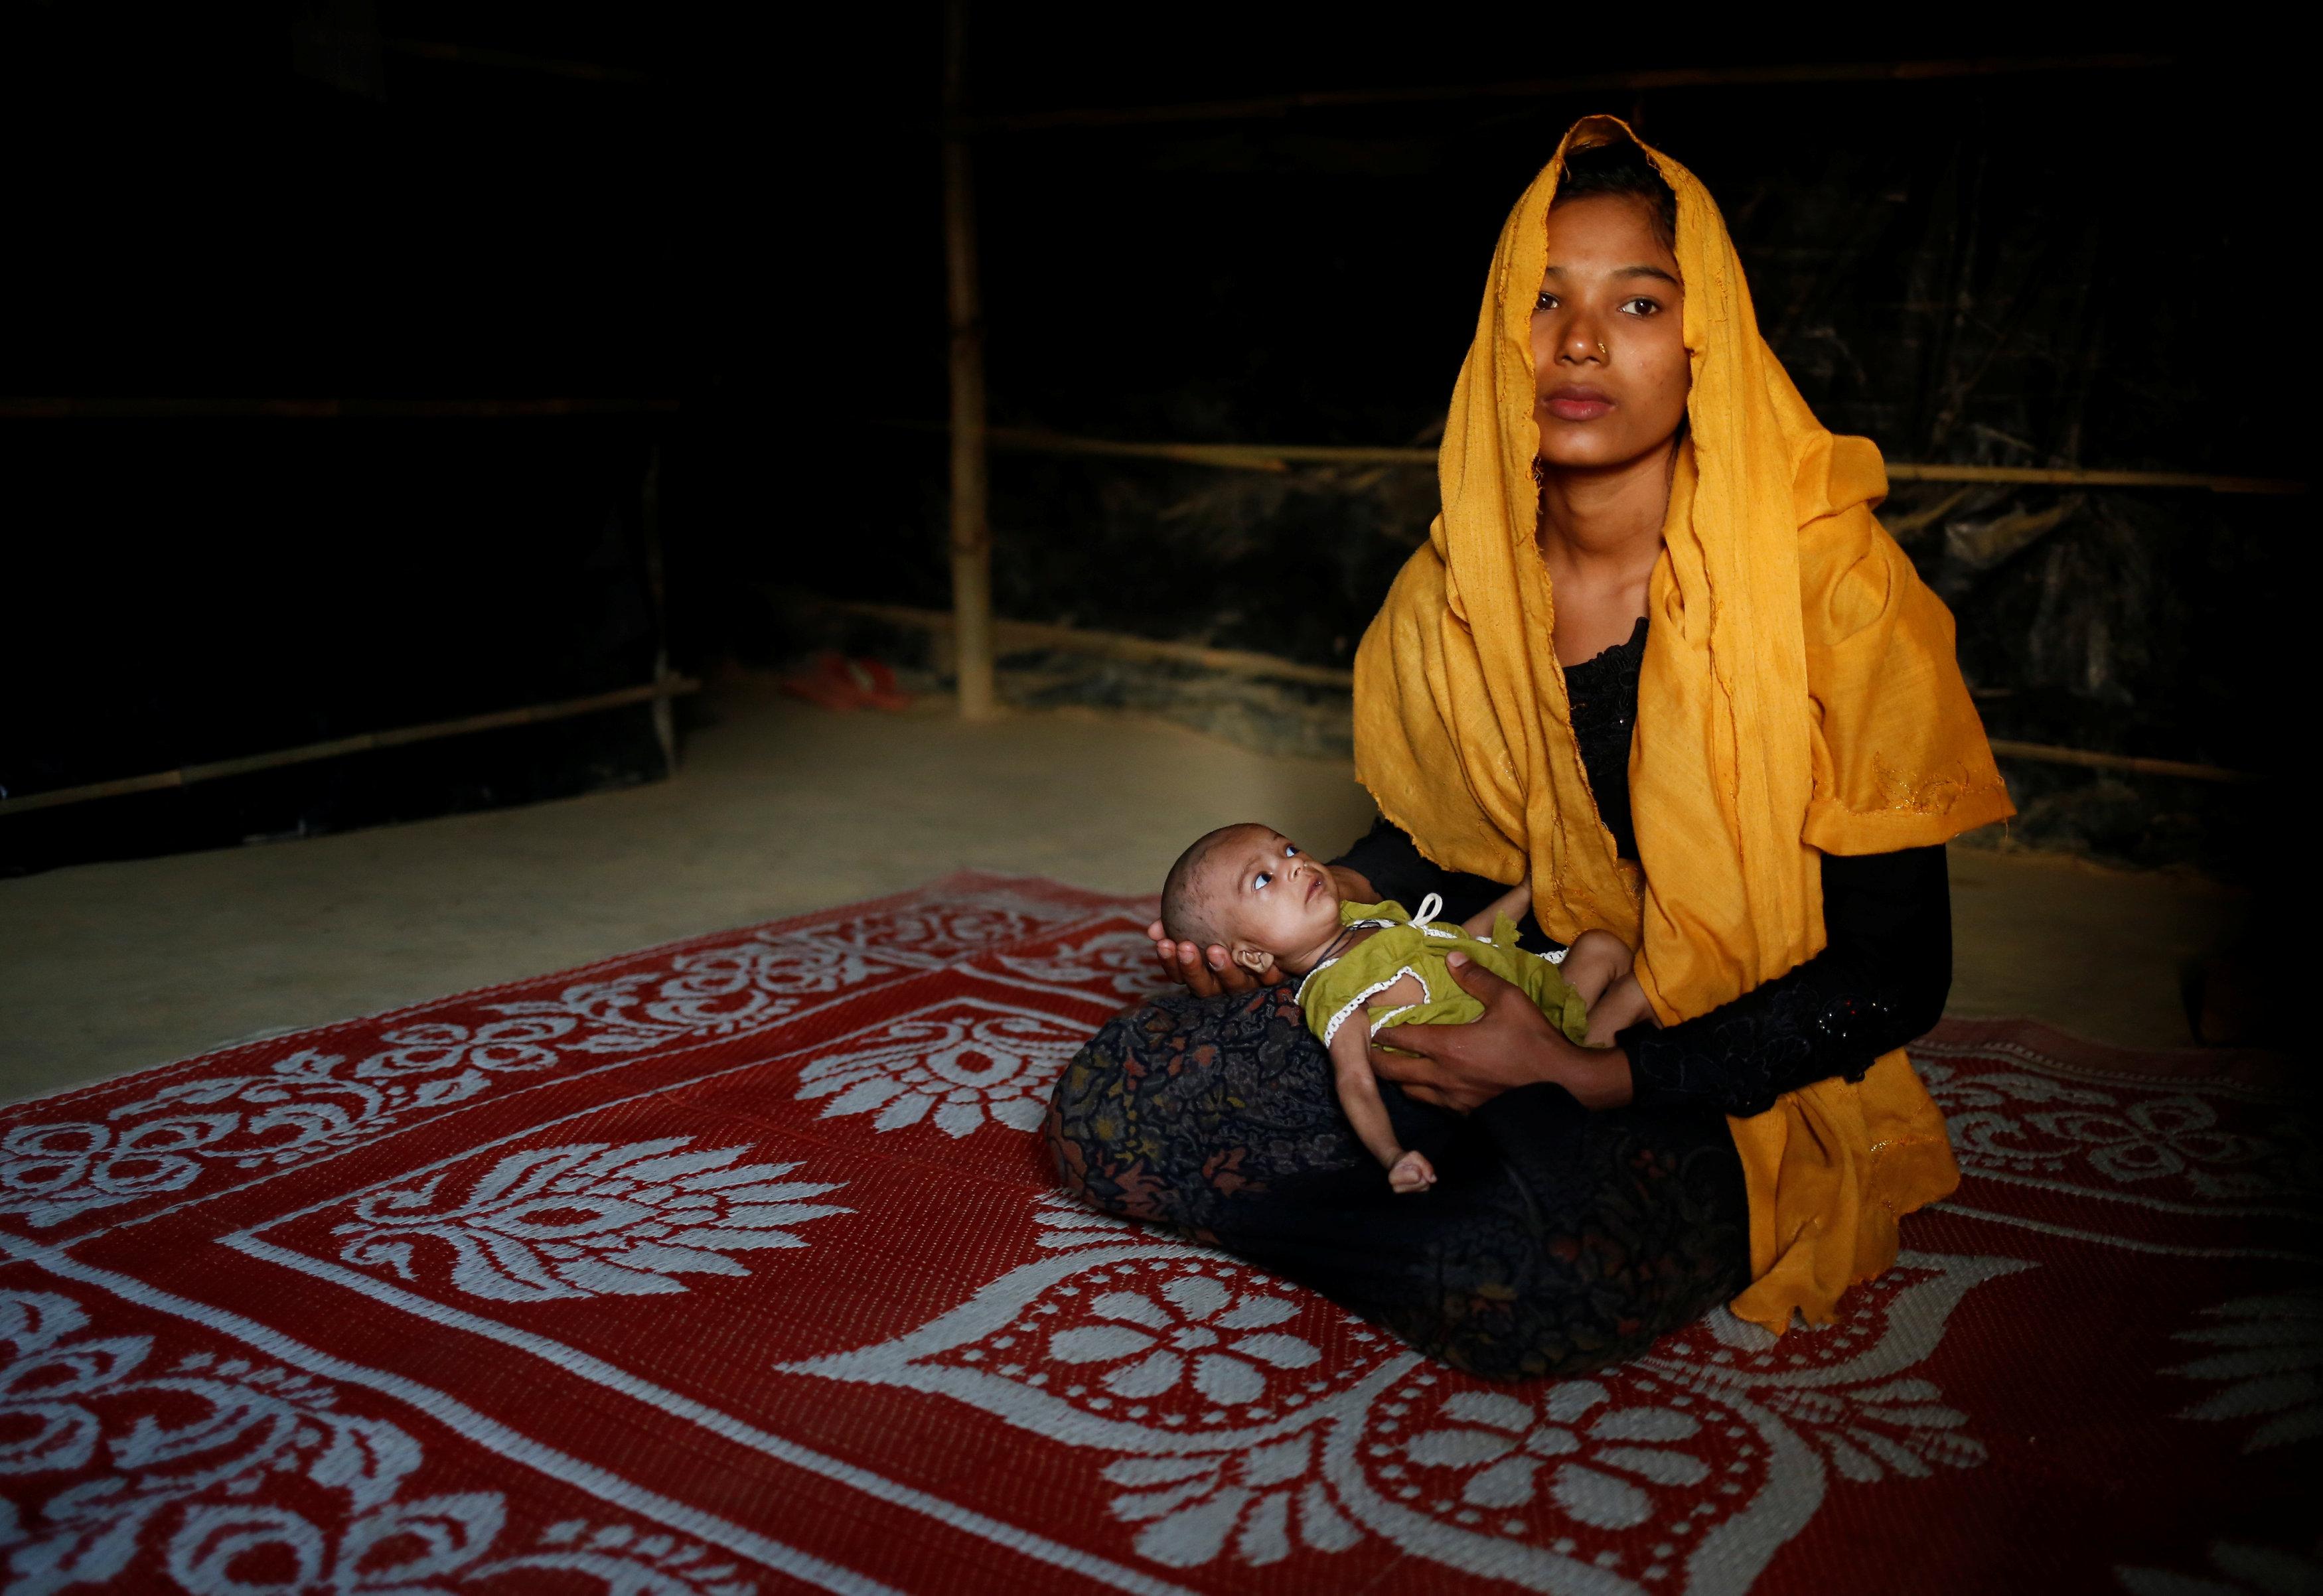 سيدة تحمل طفلها فى مخيم